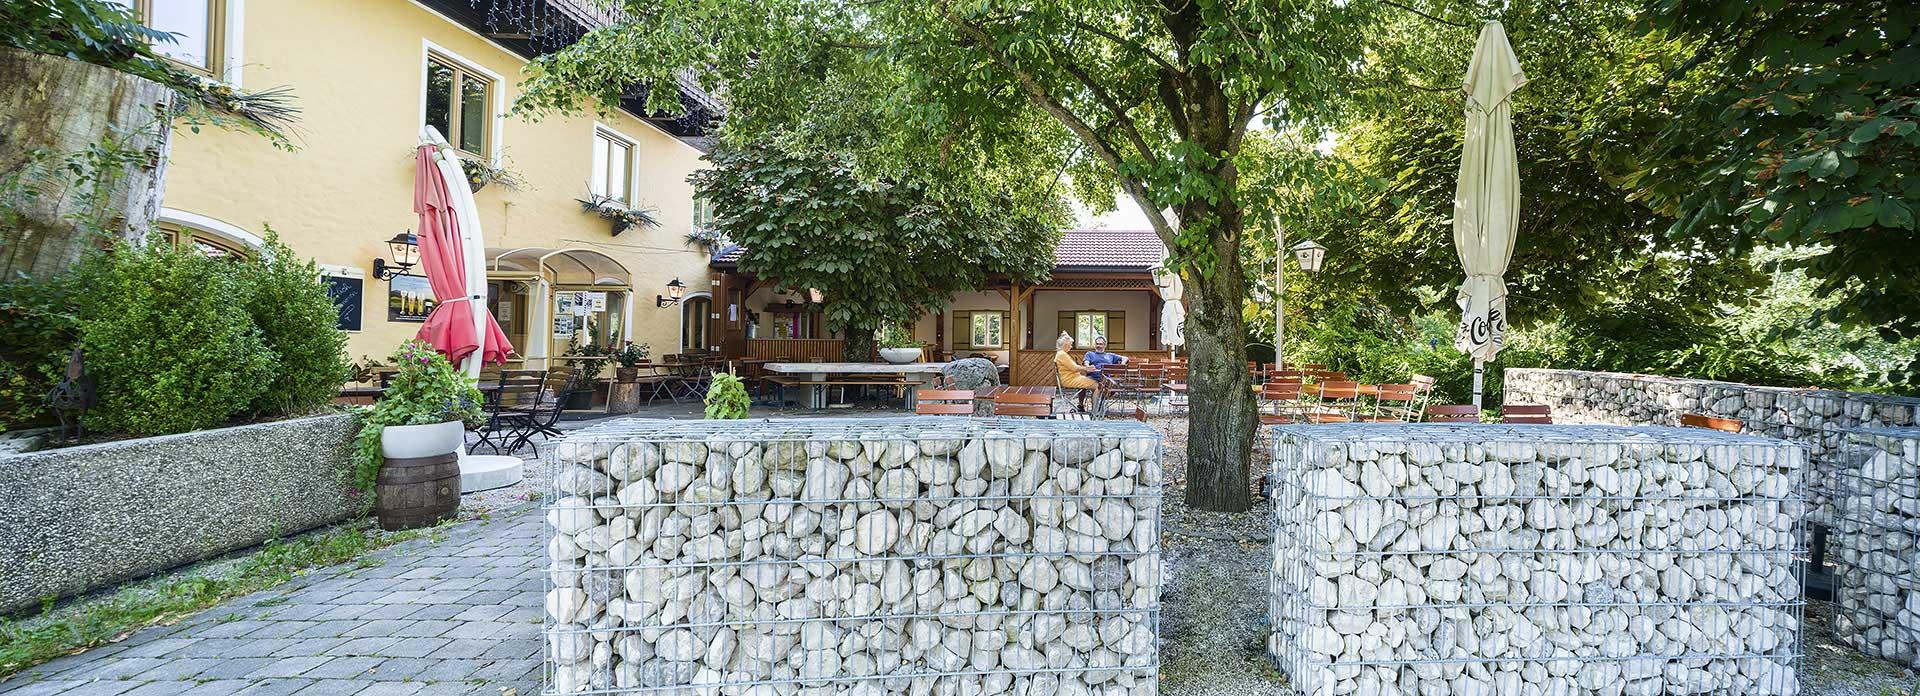 WirtMundenham_Gastgarten_3